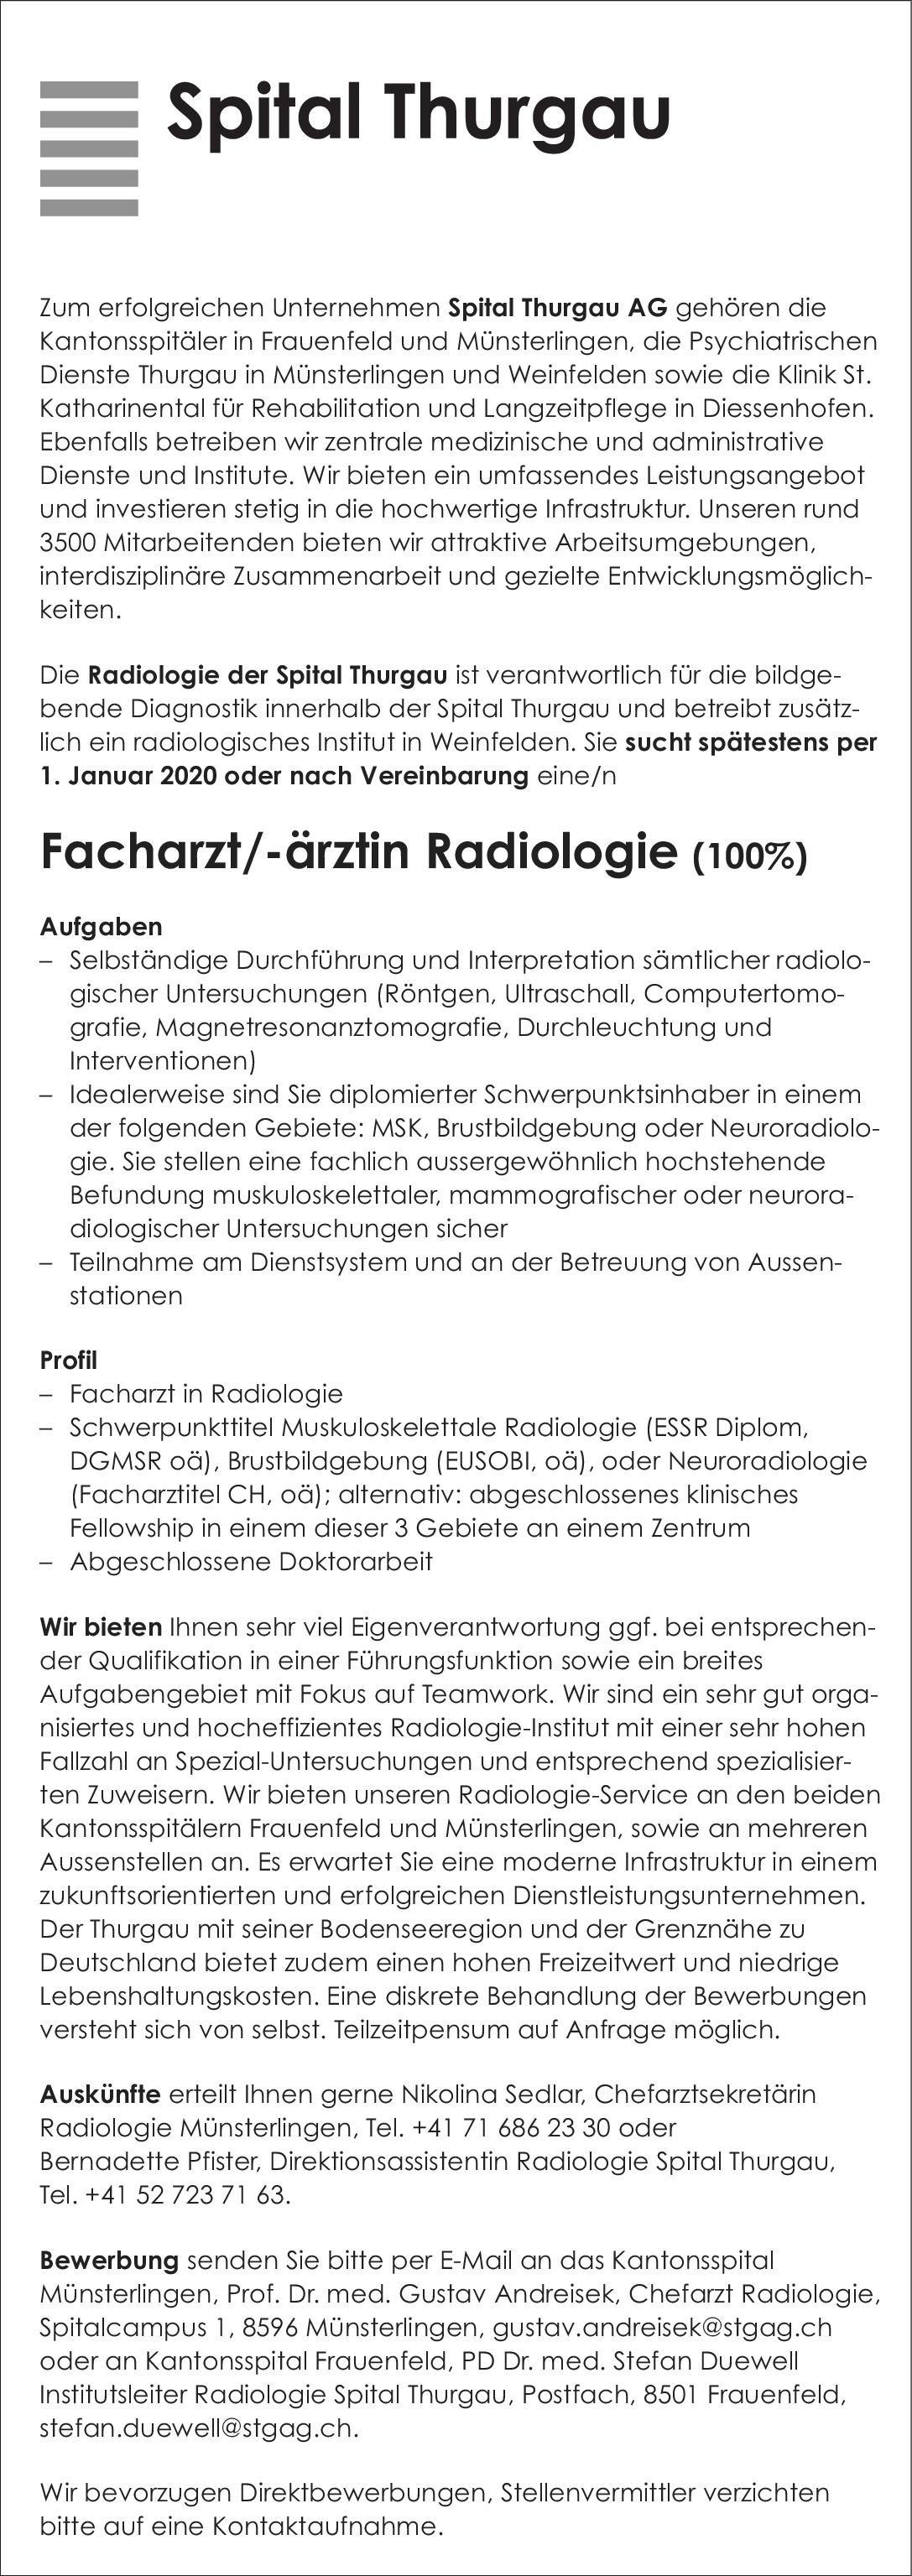 Spital Thurgau AG - Kantonsspital Frauenfeld Facharzt/Fachärztin für Radiologie (100%)  Radiologie, Radiologie Arzt / Facharzt